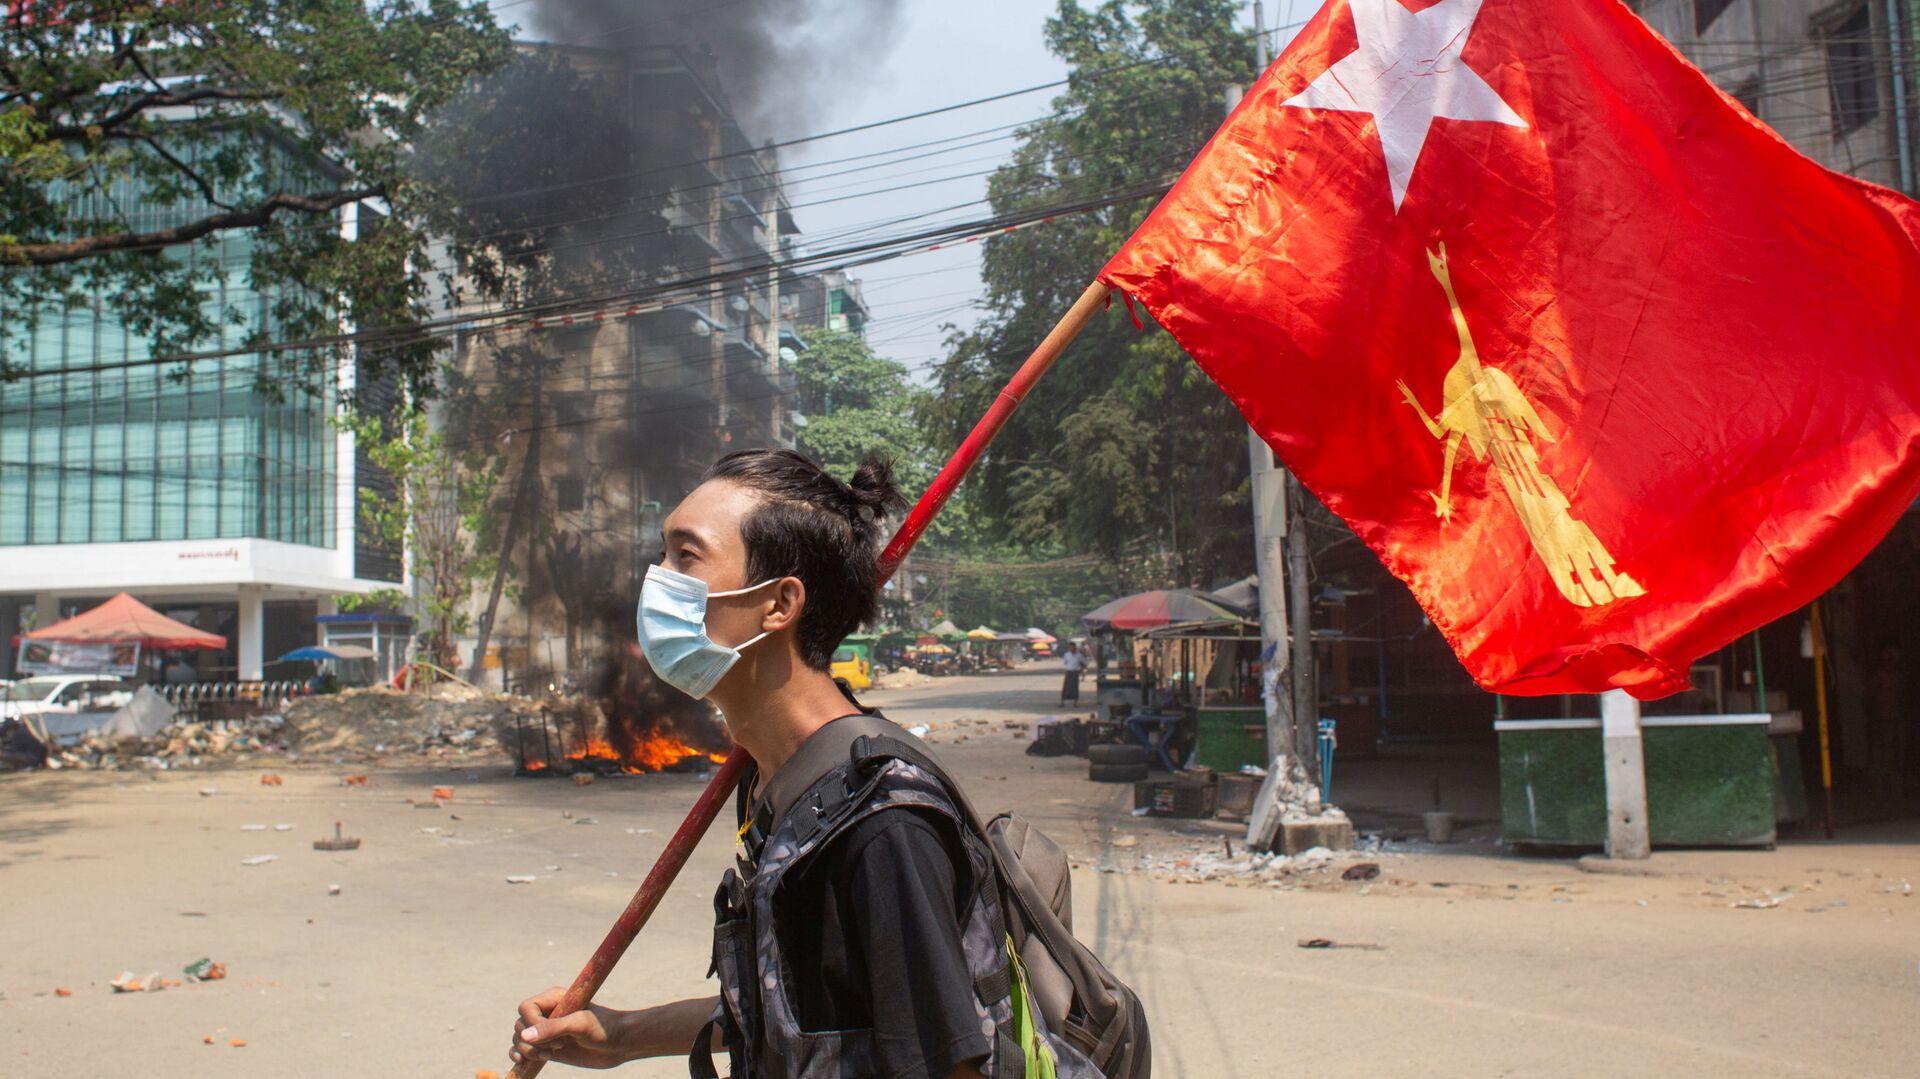 Một người đàn ông cầm cờ của Liên đoàn Quốc gia vì Dân chủ trong cuộc biểu tình phản đối đảo chính quân sự ở Yangon, Myanmar. - Sputnik Việt Nam, 1920, 02.04.2021